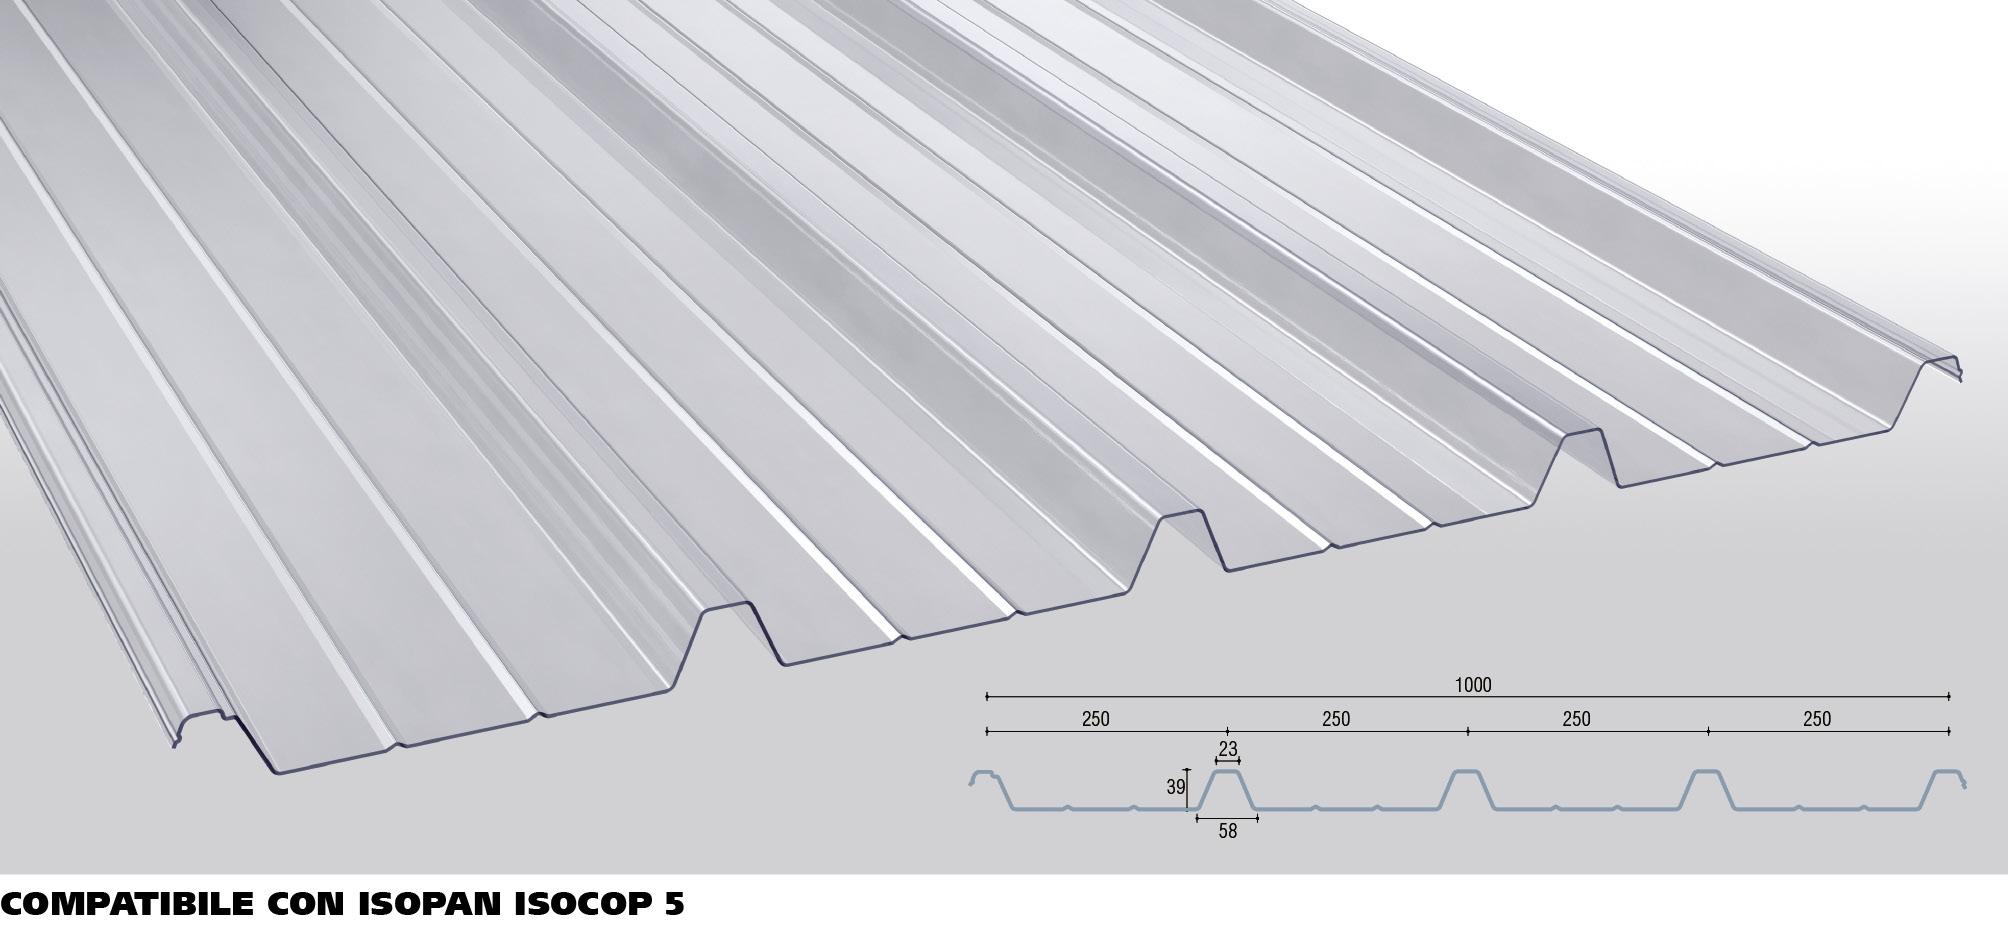 ALVEcomp - isocop5